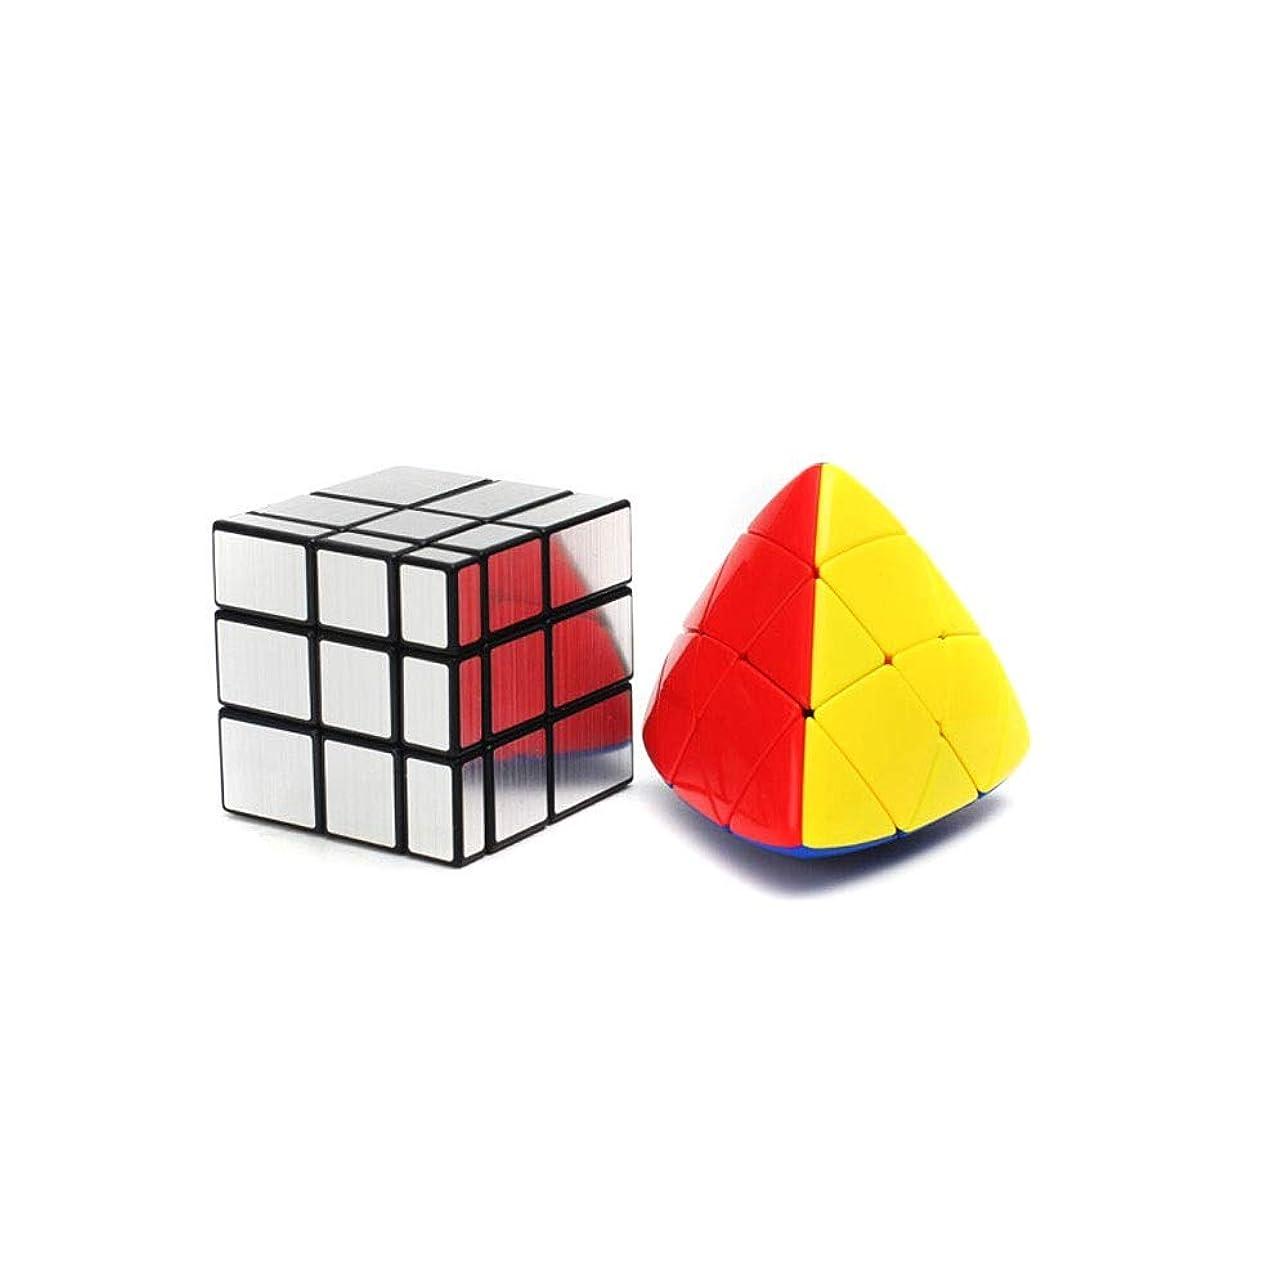 舌な略す率直なKaiyitong ルービックキューブ、ゲーム固有のミラー、トライアングルデザインルービックキューブ、高品質デザインスタイル、安全で環境にやさしいABS素材制作(2個入り) 強い (Edition : Two-piece set)